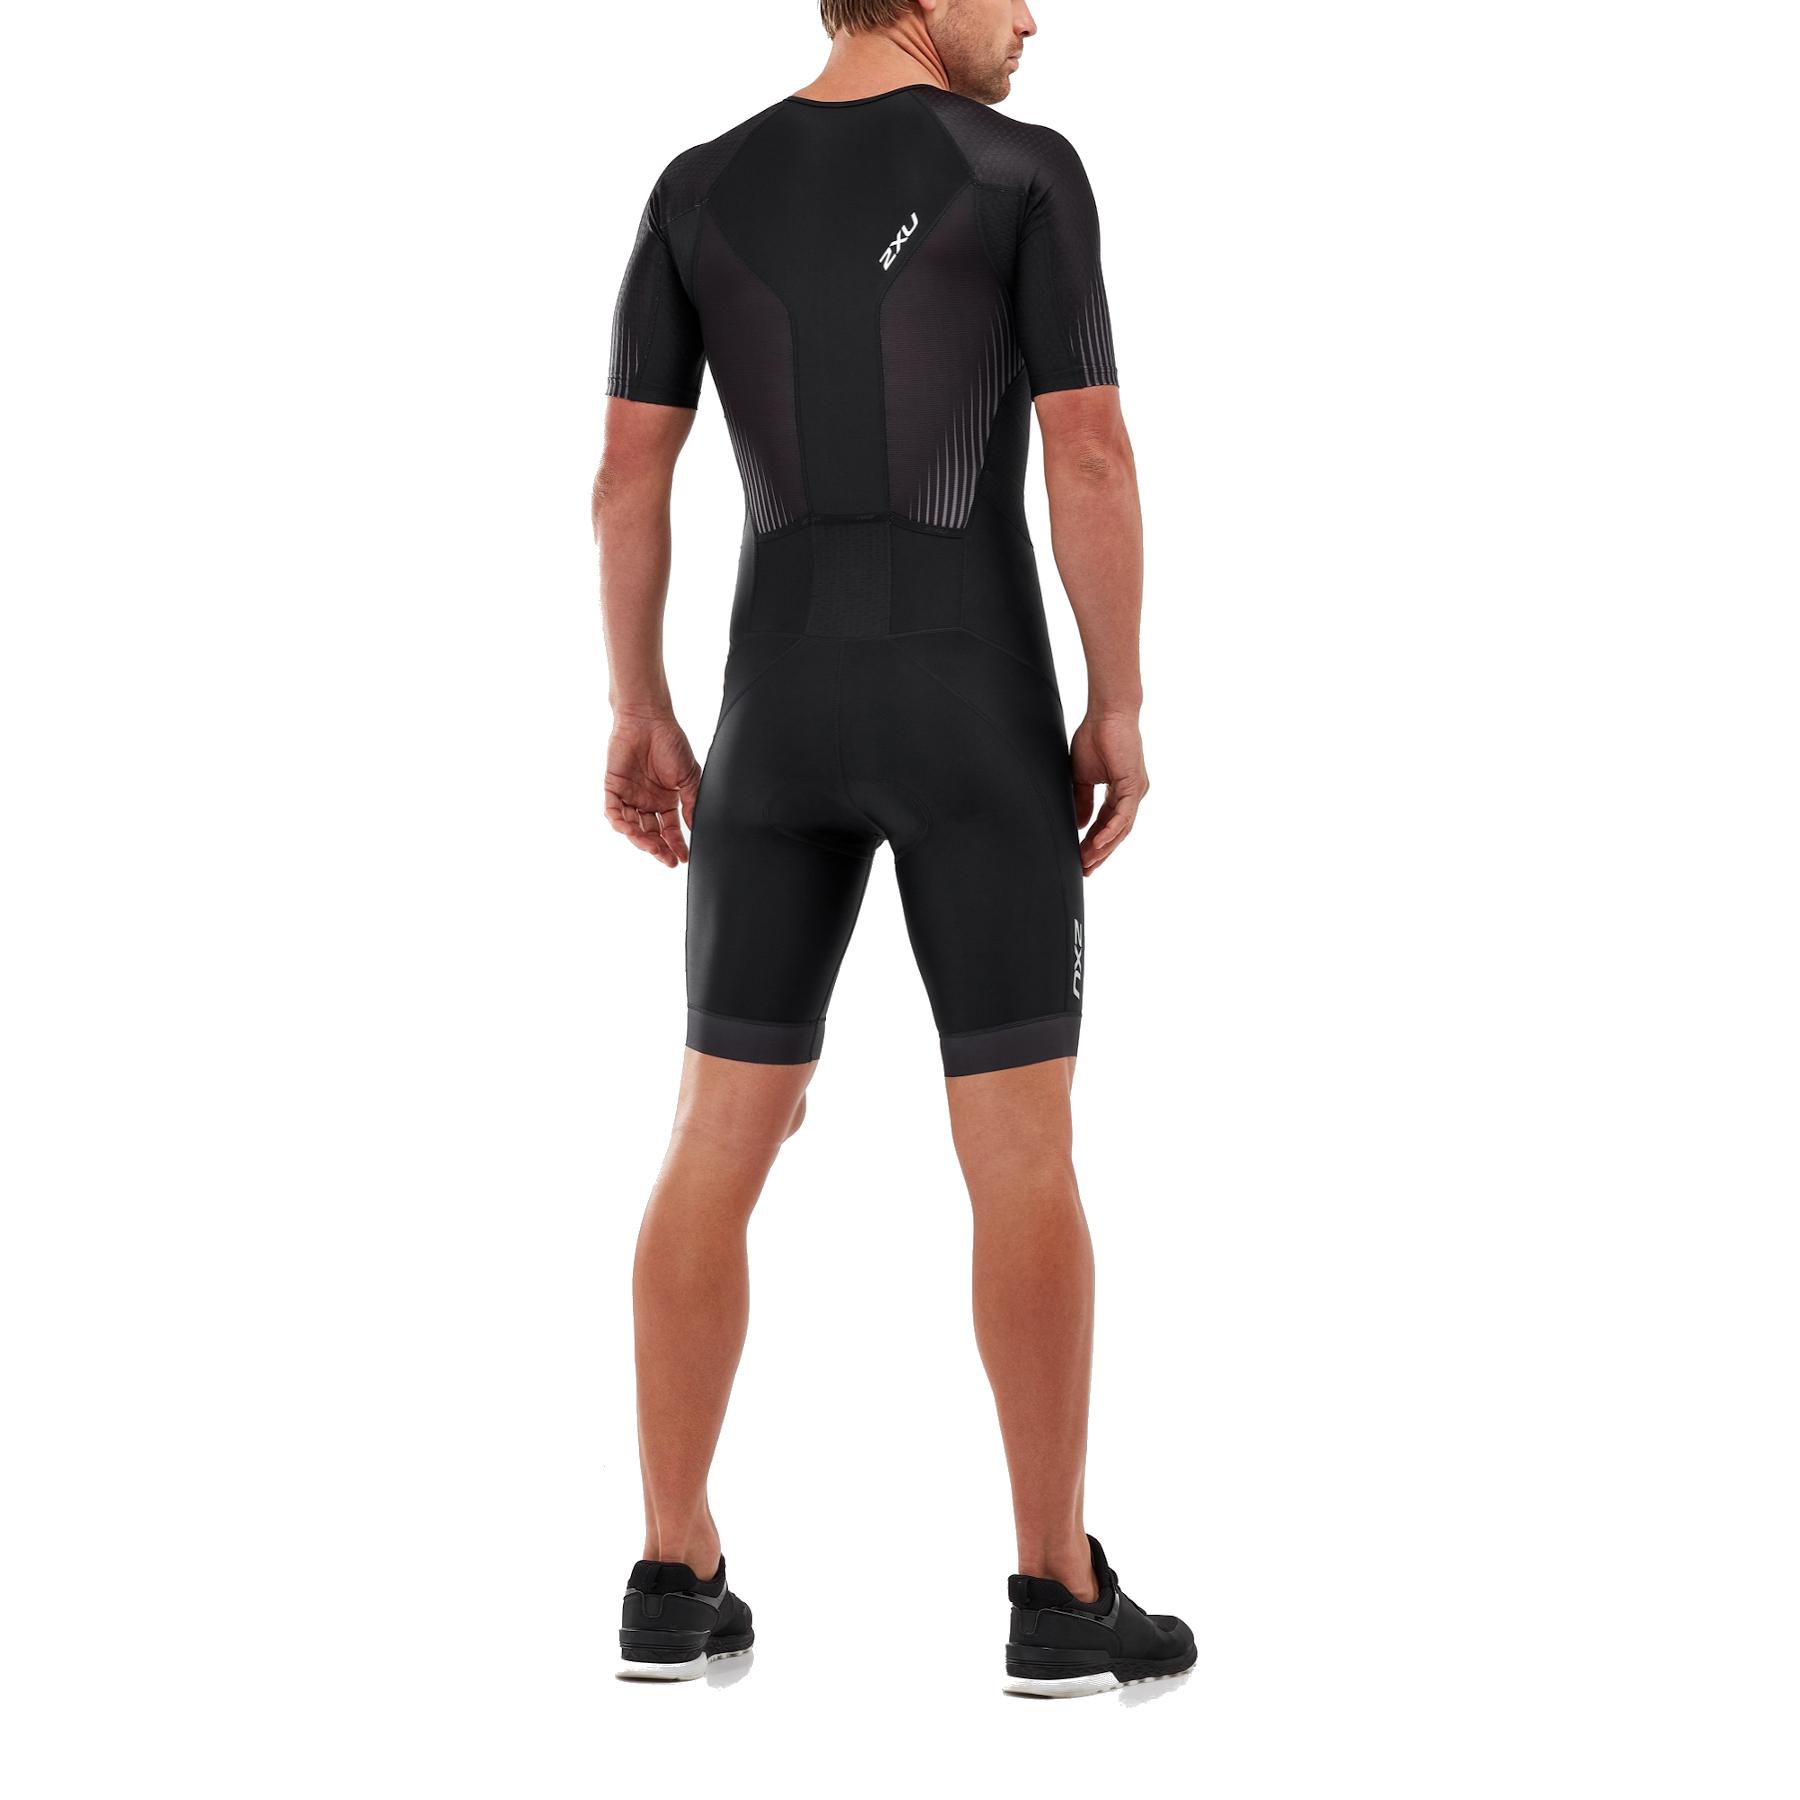 Imagen de 2XU Perform Full Zip Sleeved Trisuit - black/shadow